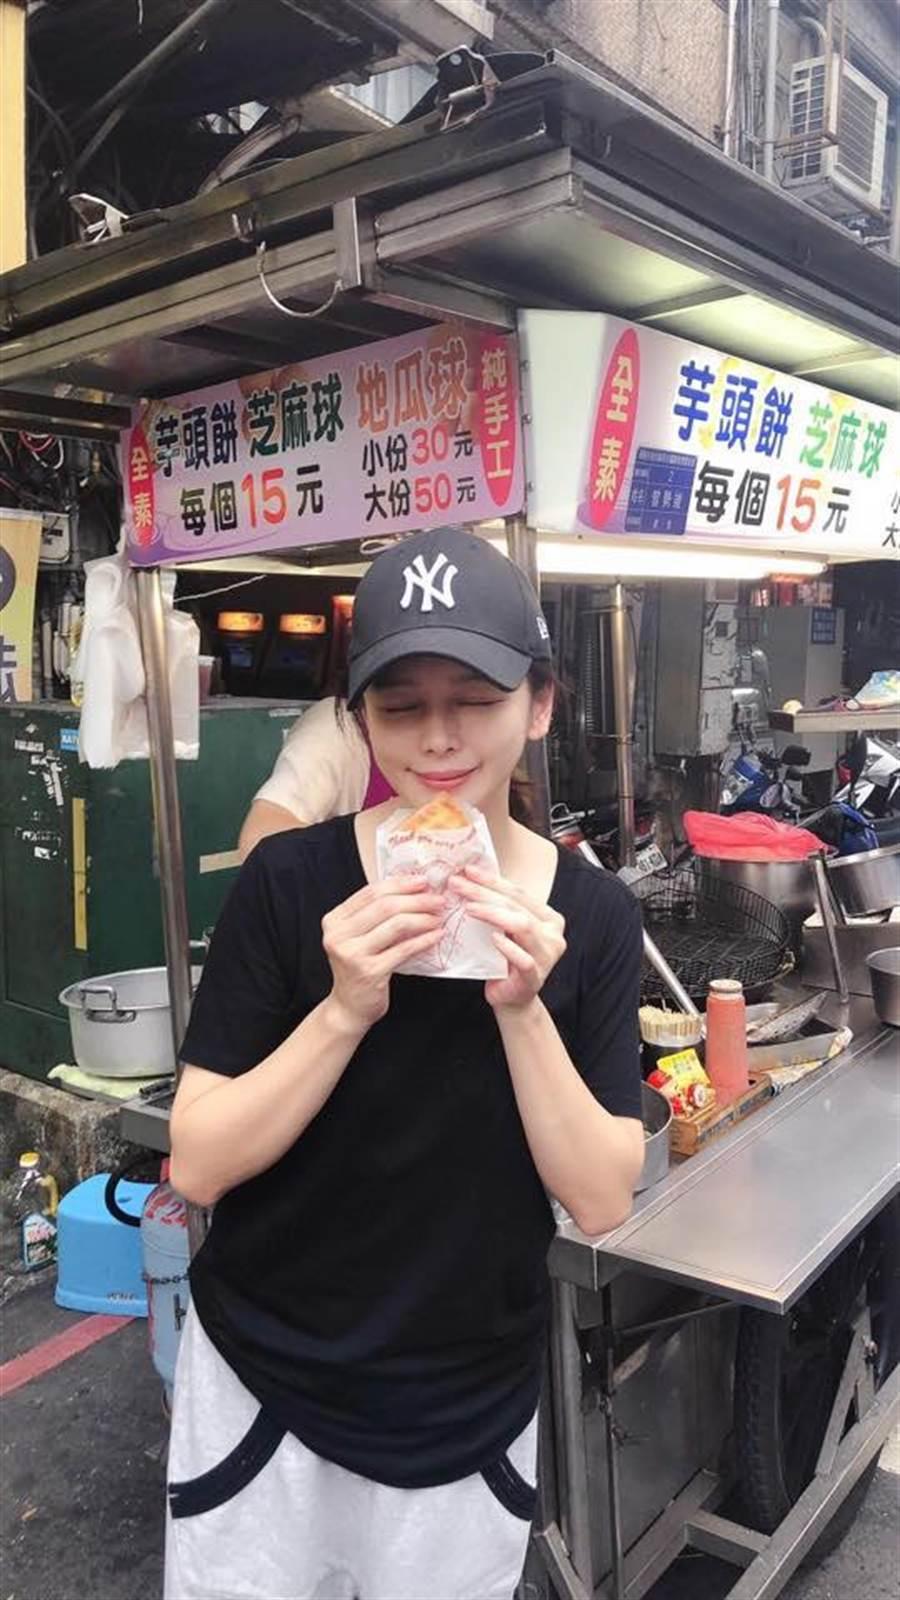 藝人徐若瑄今天在臉書PO文,到基隆廟口吃10道美食,網友說,看到她的吃相就餓了。